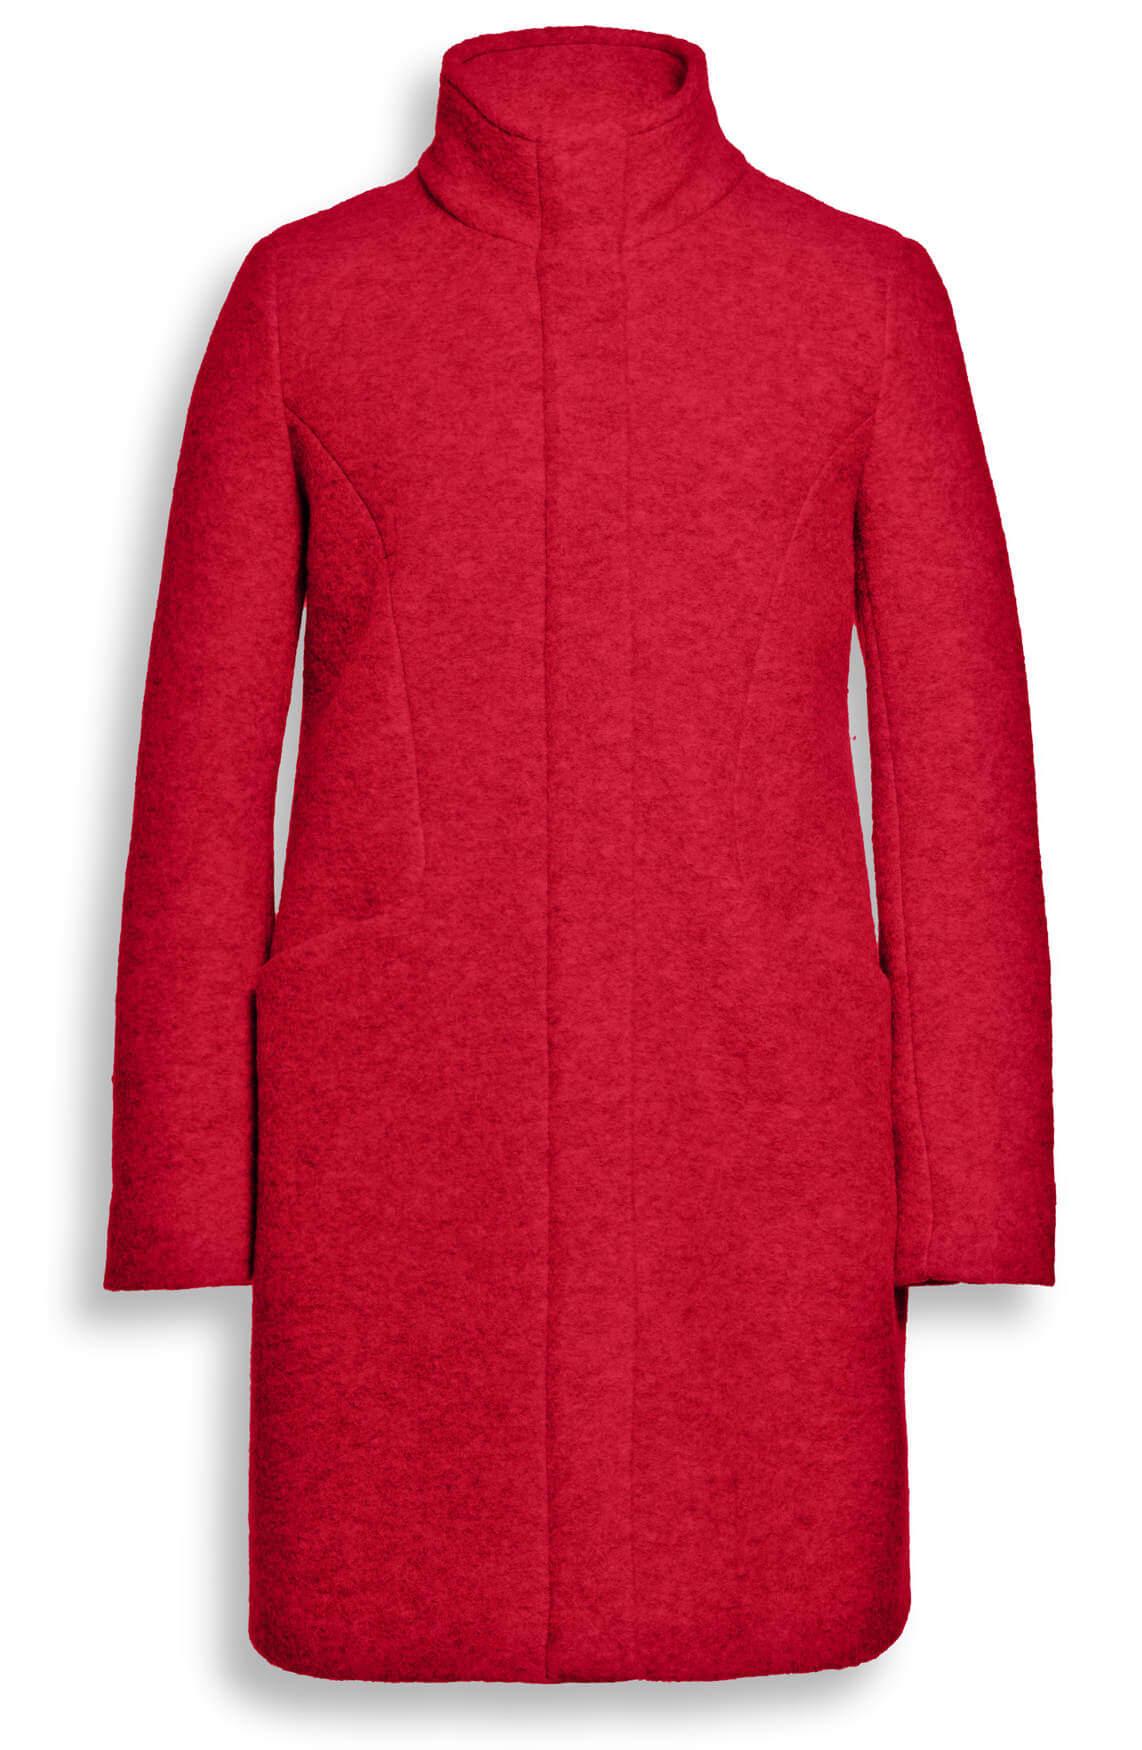 Beaumont Dames Mantel met hoge kraag Rood